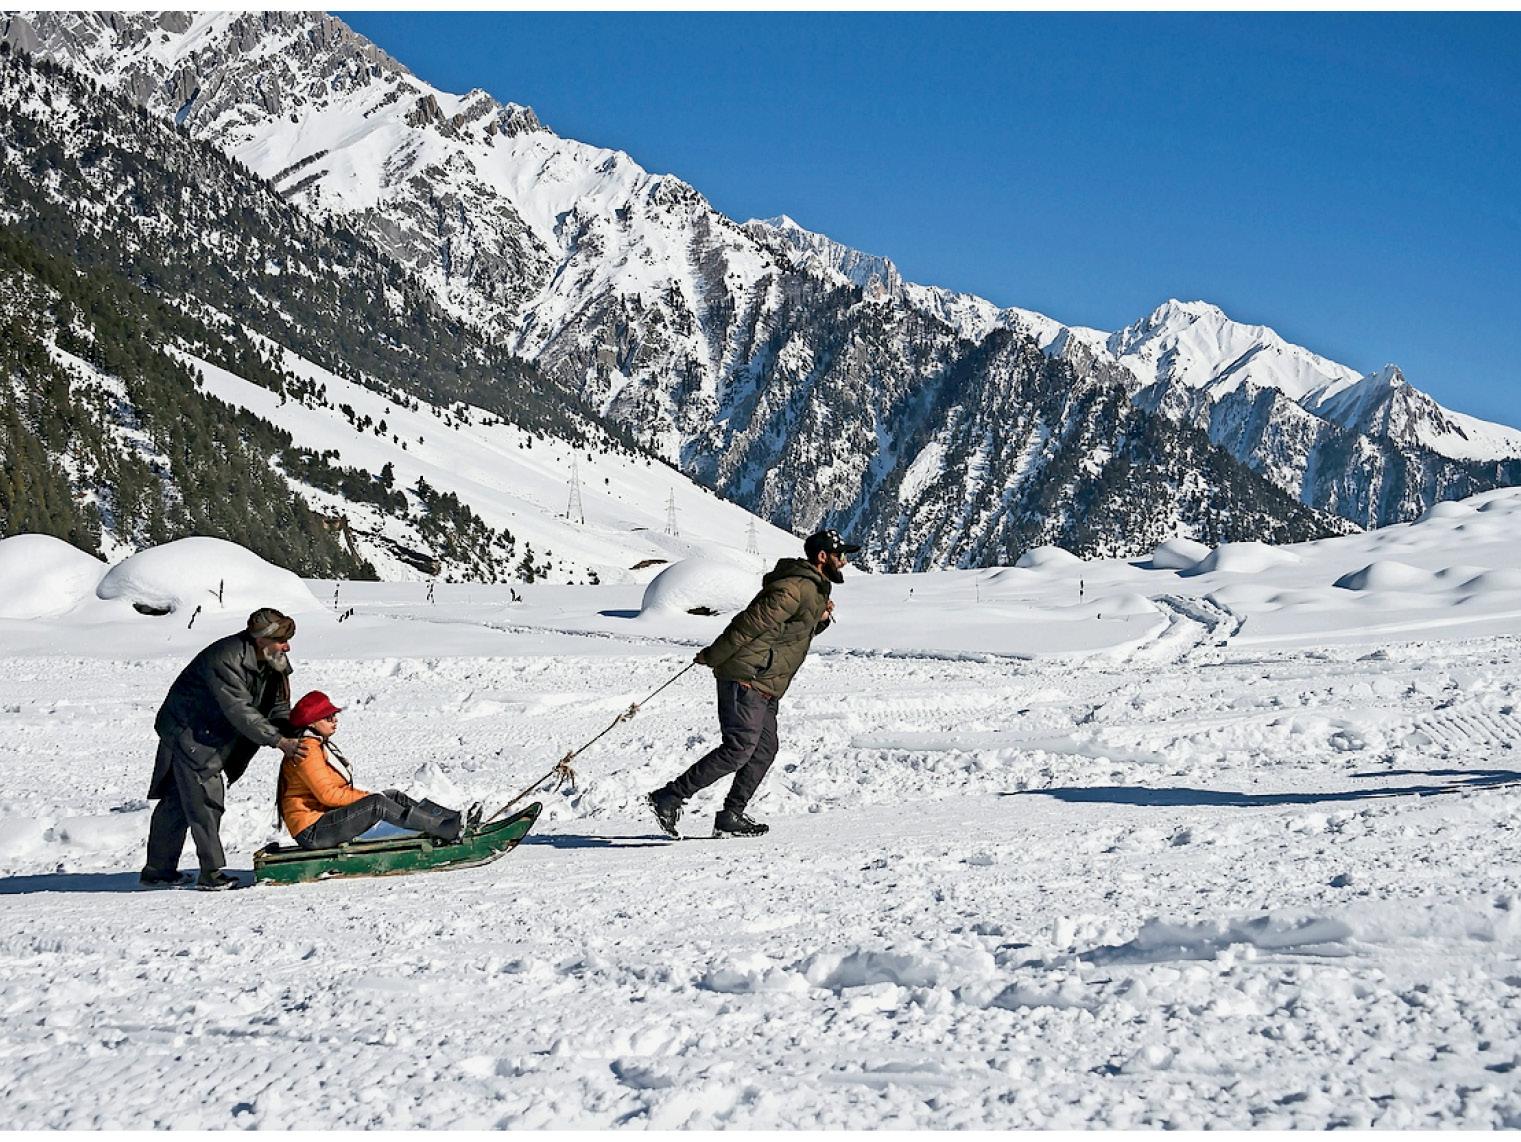 ફોટો કાશ્મીરના સોનમર્ગનો છે. પ્રવાસીઓ બરફ પર સ્લેજ રાઇડિંગ કરી રહ્યા છે.